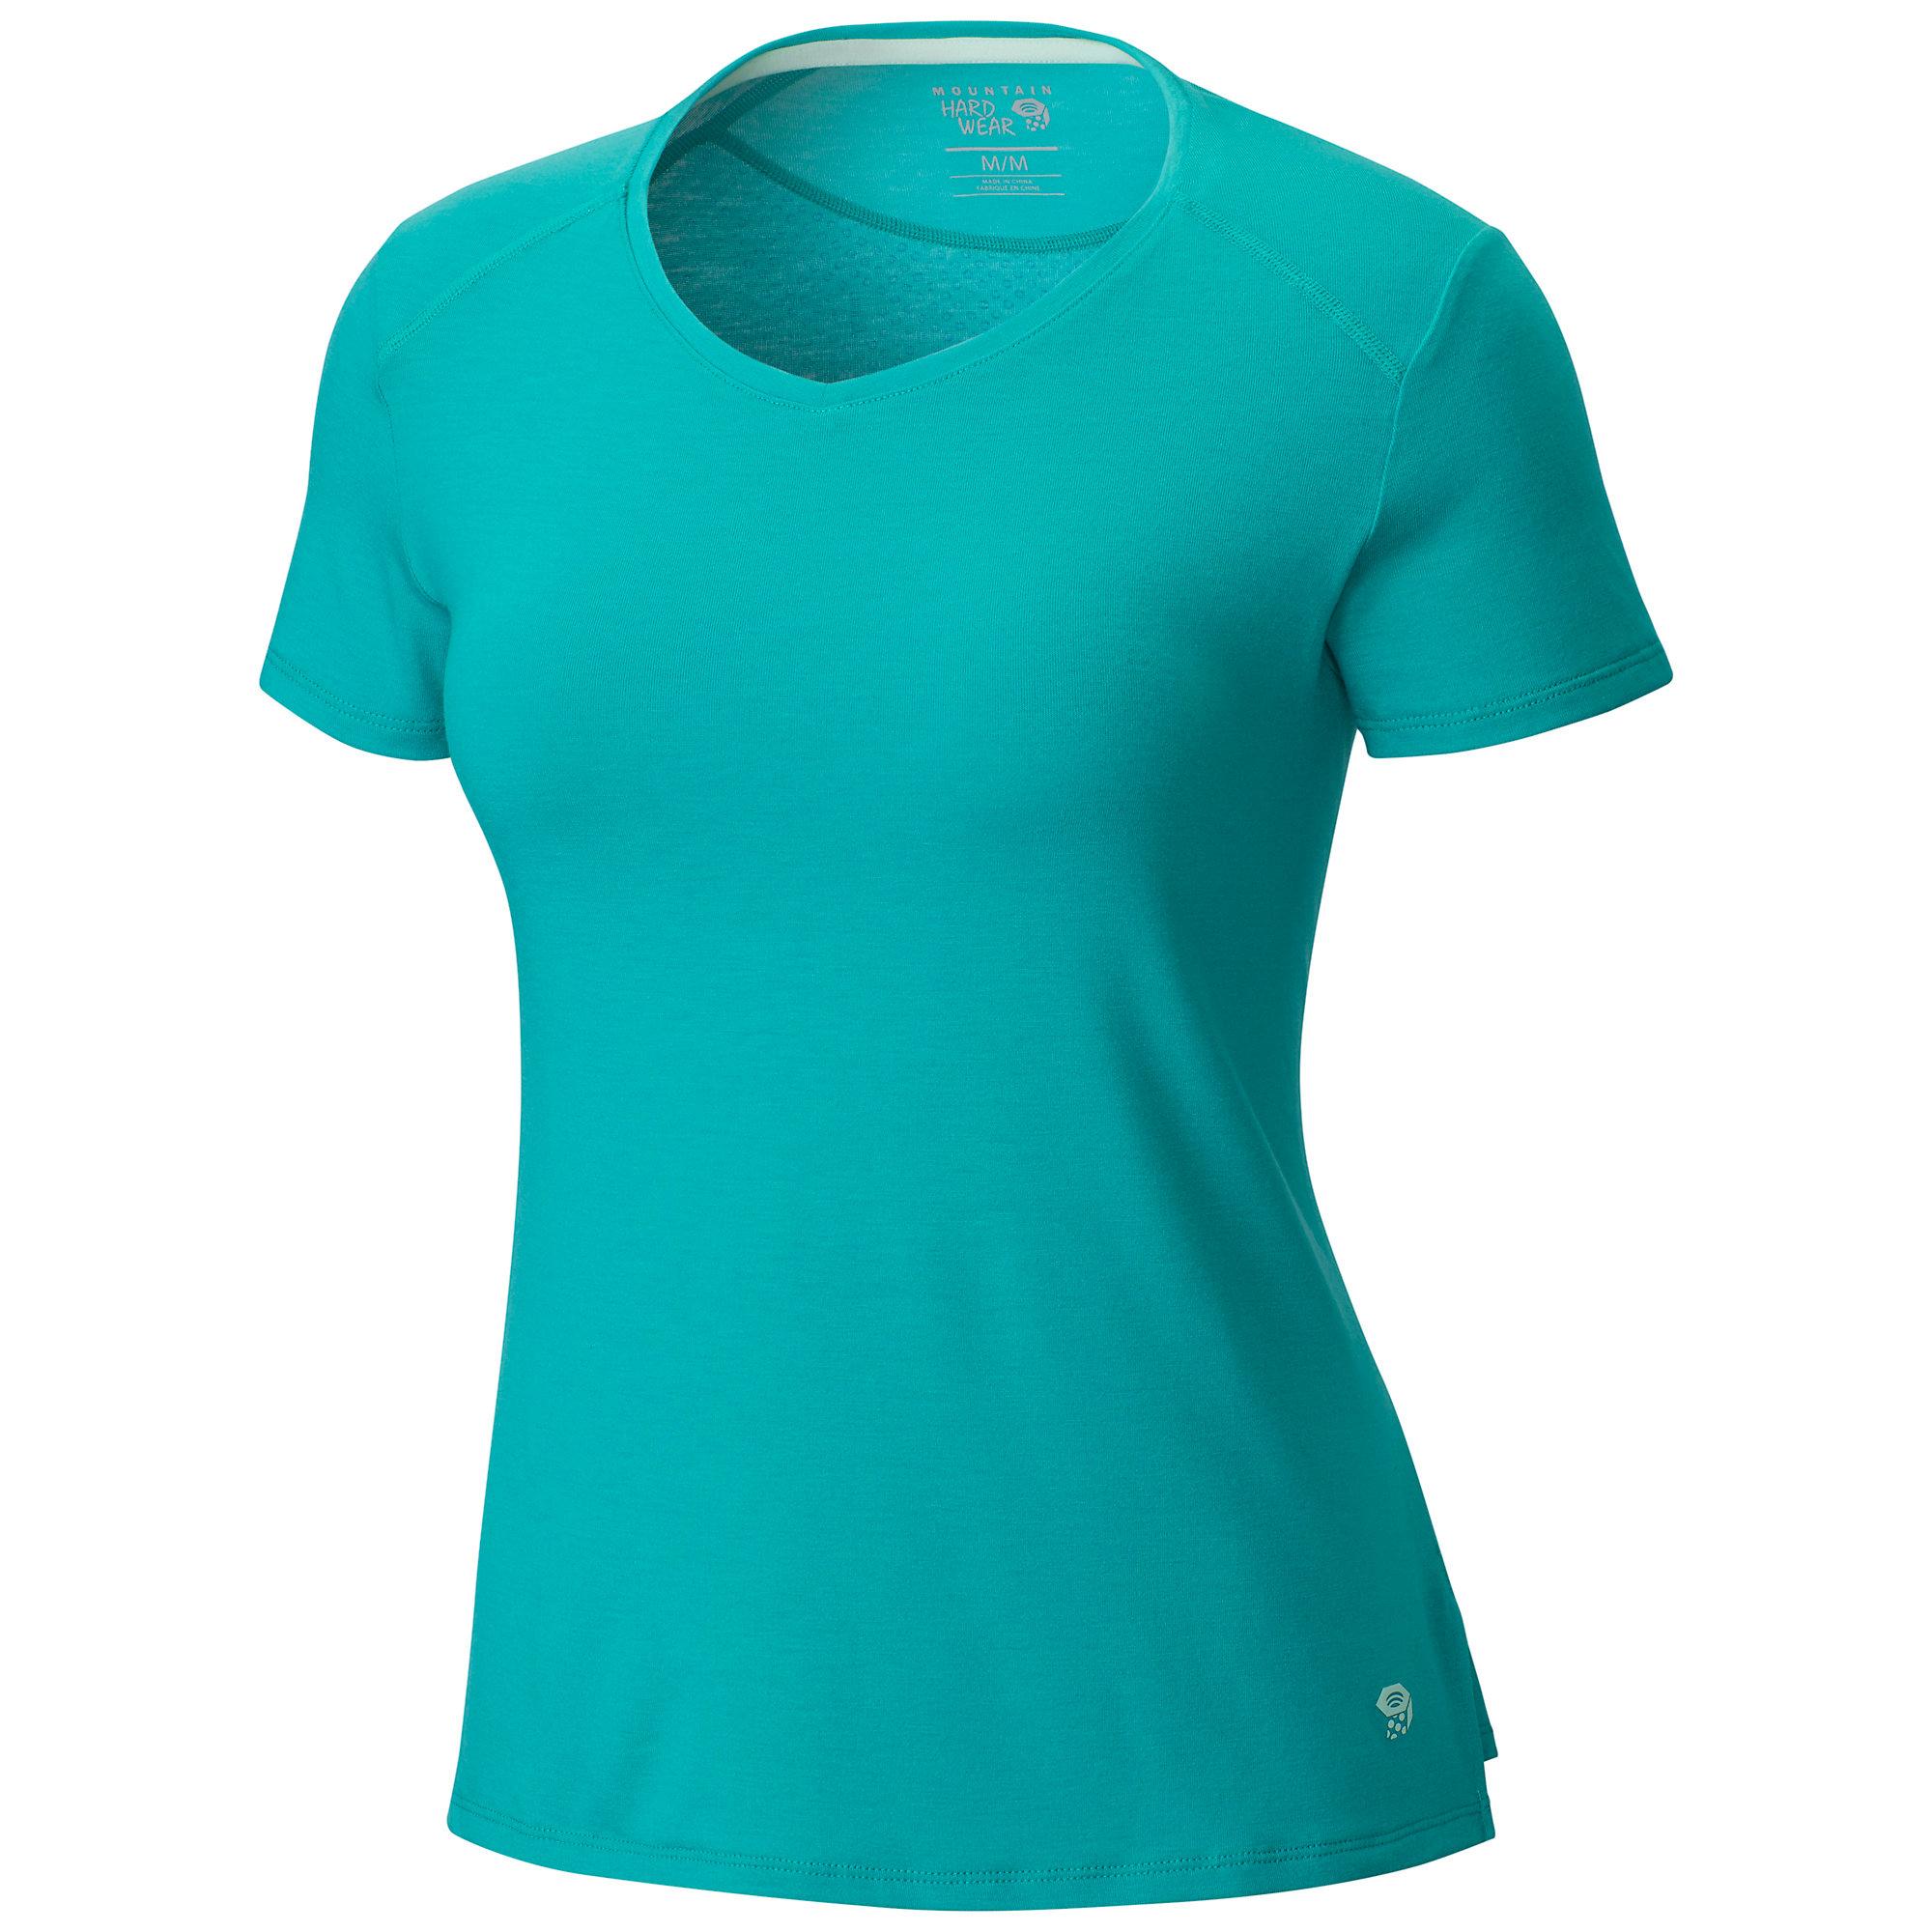 Mountain Hardwear CoolHiker 2 Short Sleeve T